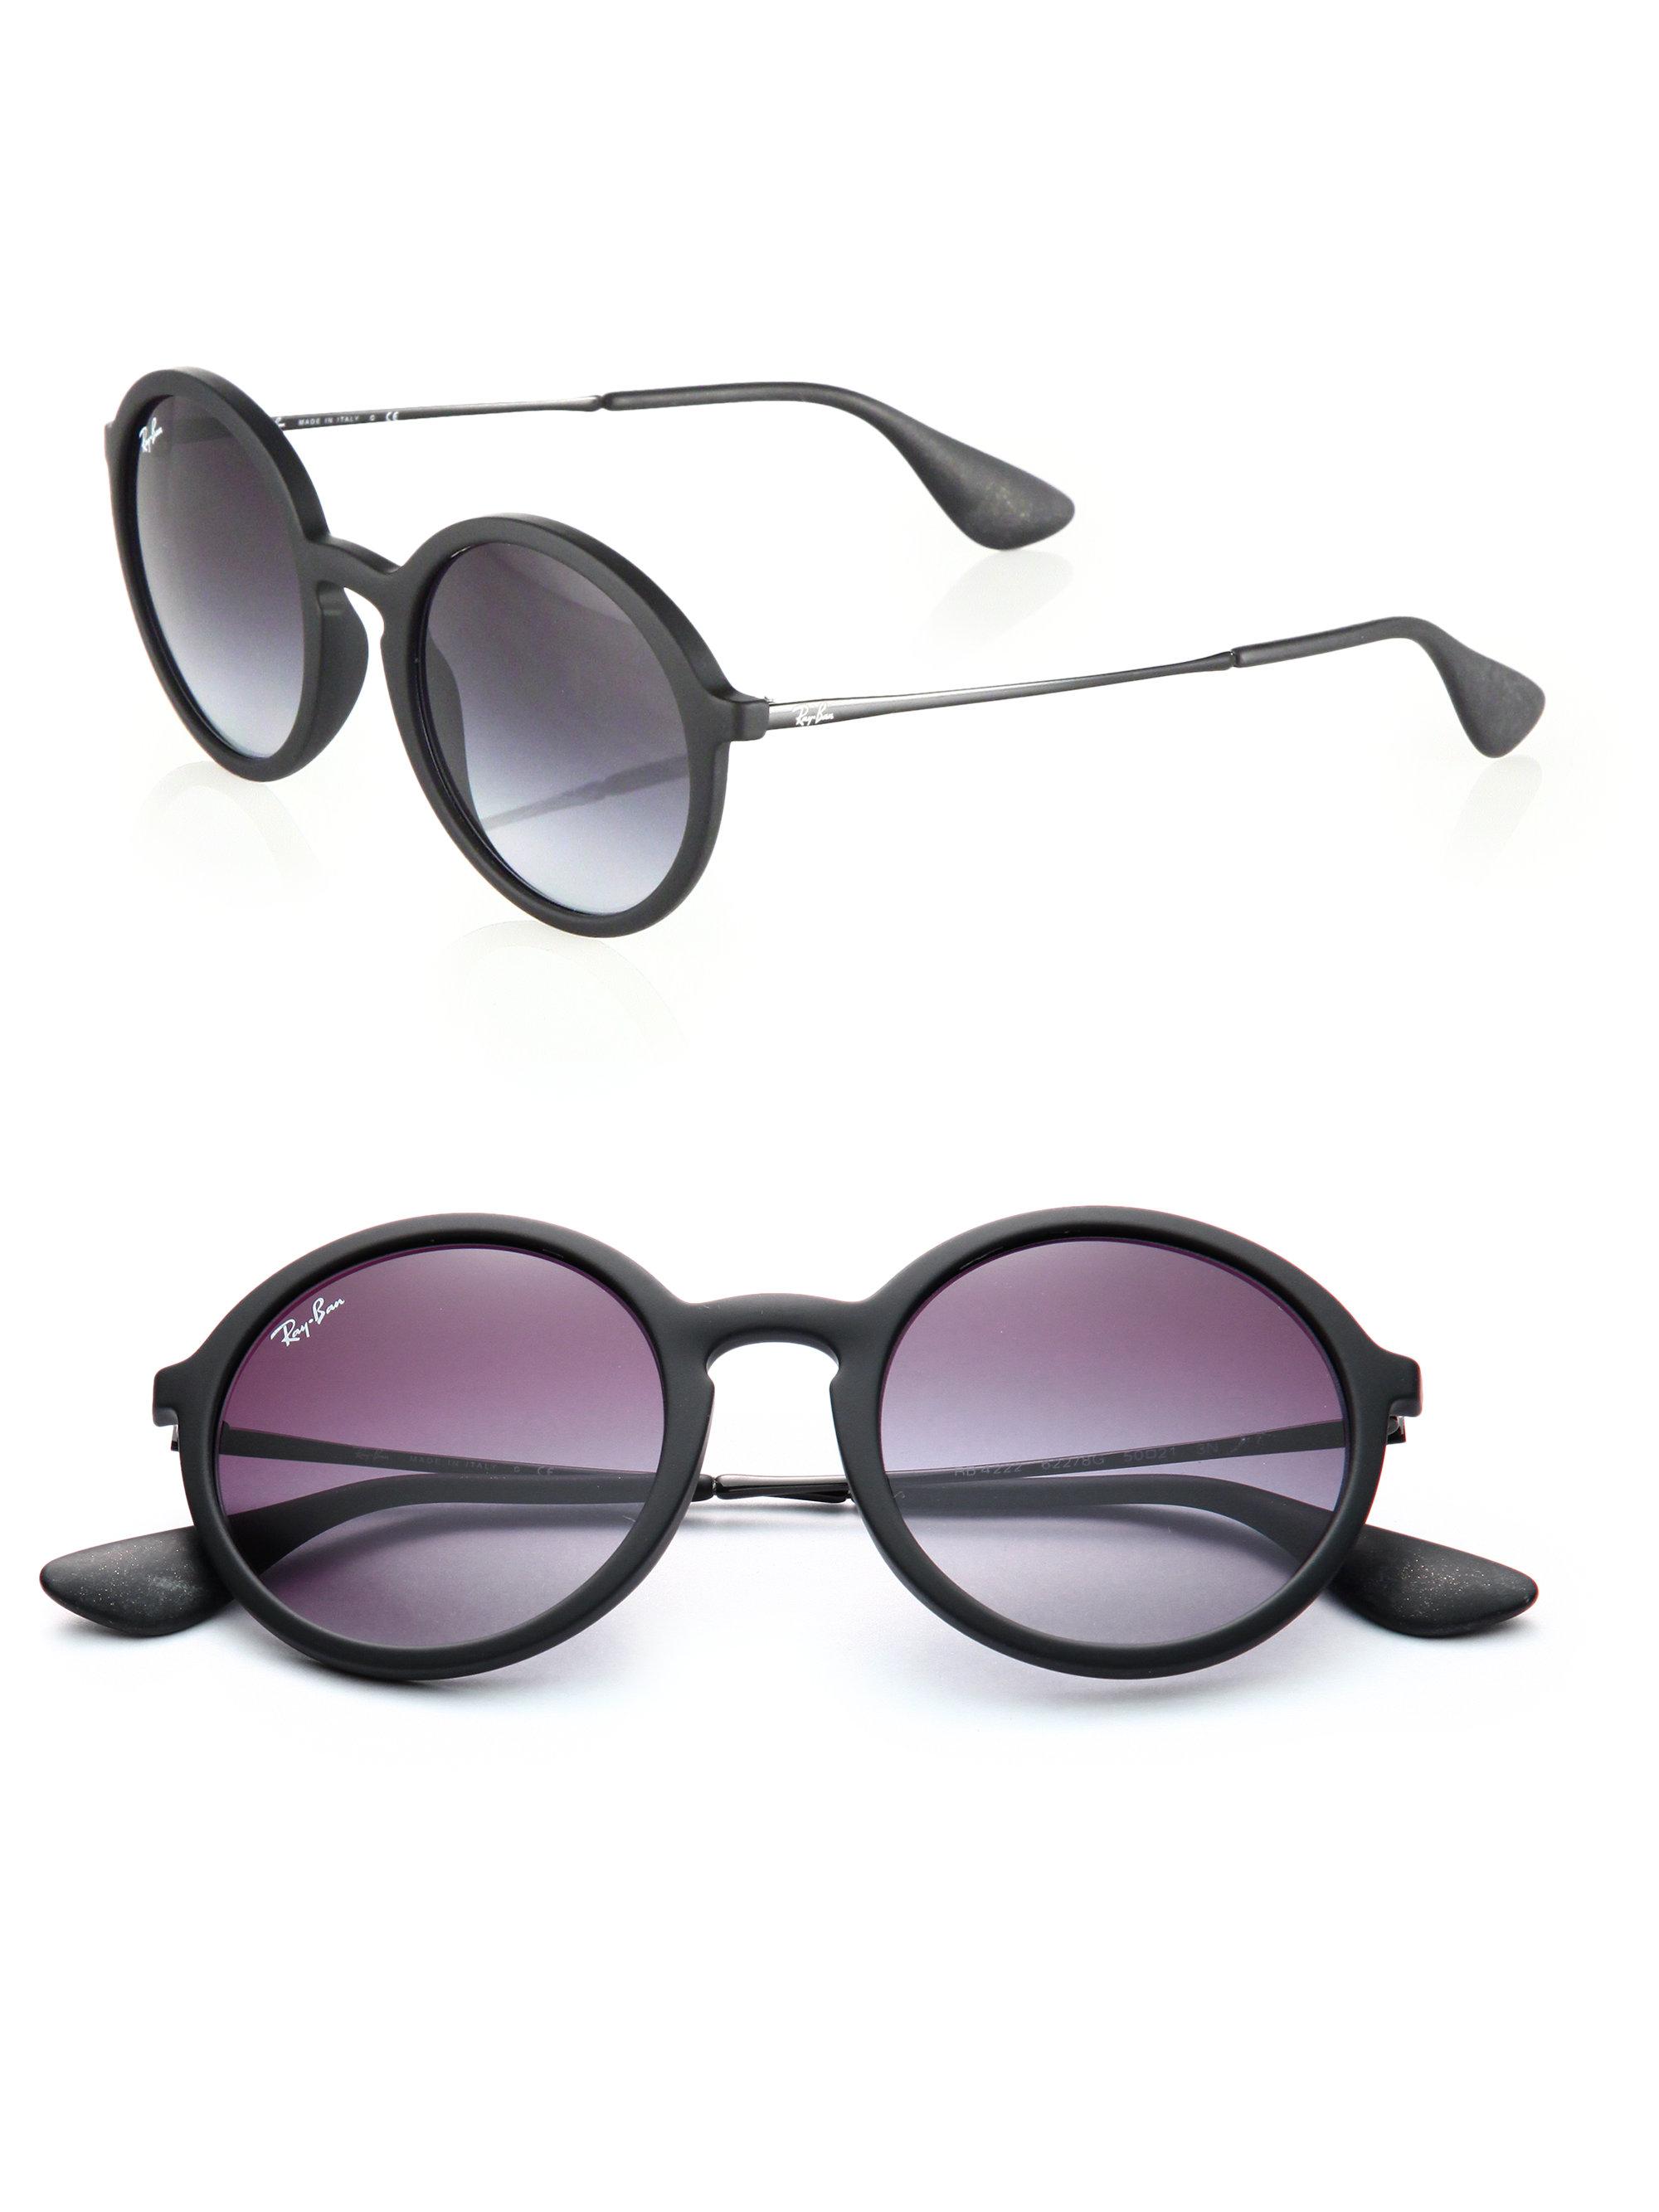 Ray ban sunglasses circle - Ray Ban Circle Glasses